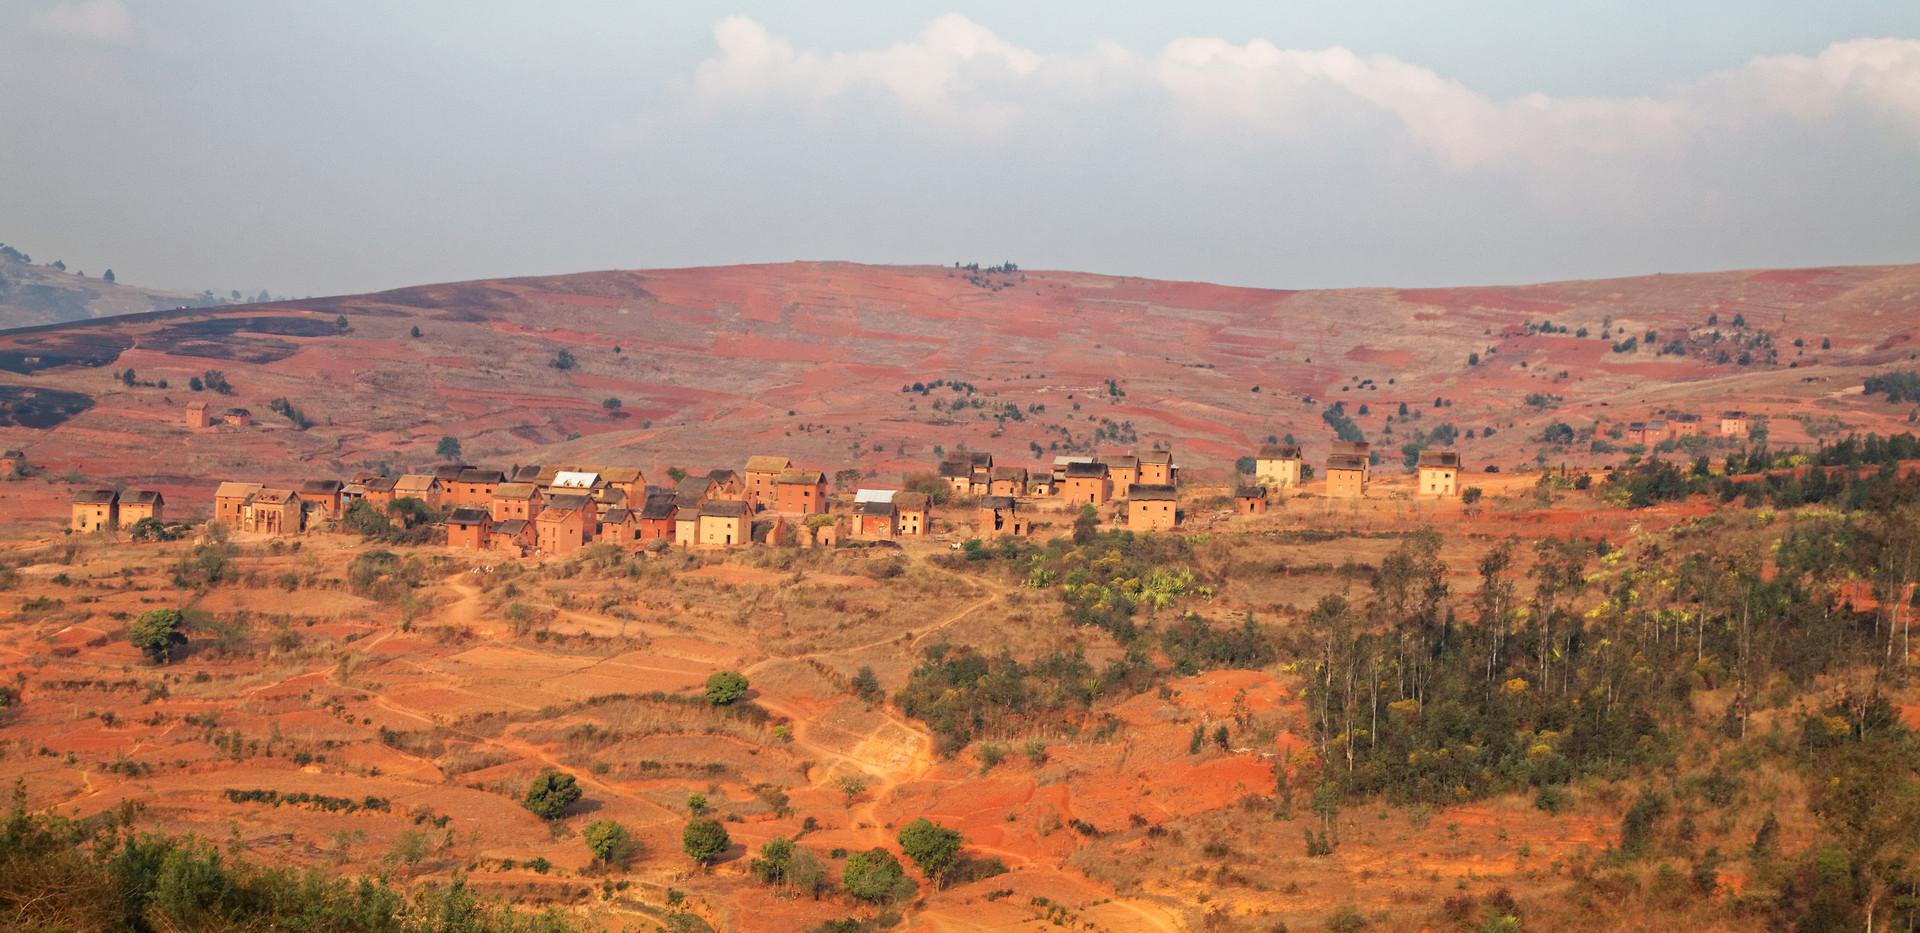 west_africa_hills_farming.jpg